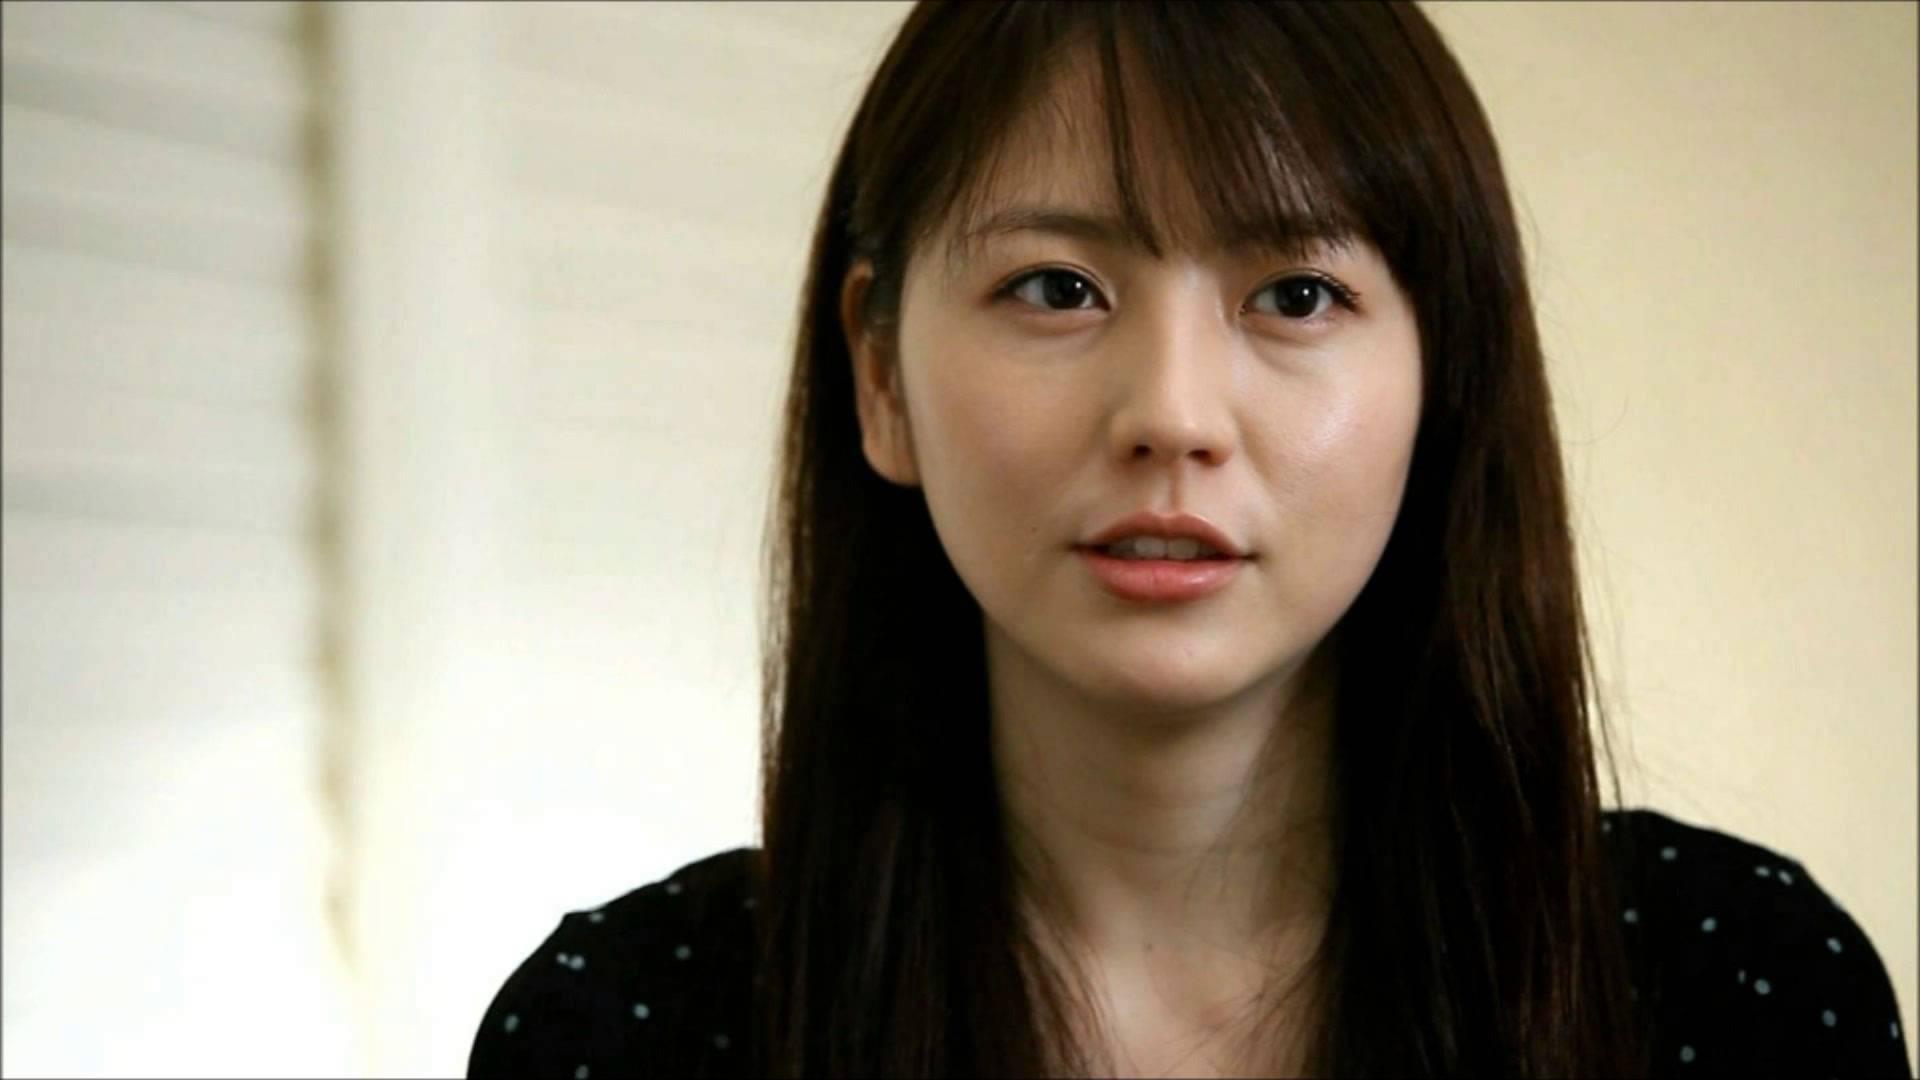 映画『モテキ』で長澤まさみ演じる「みゆき」のモデルからクレーム?のサムネイル画像